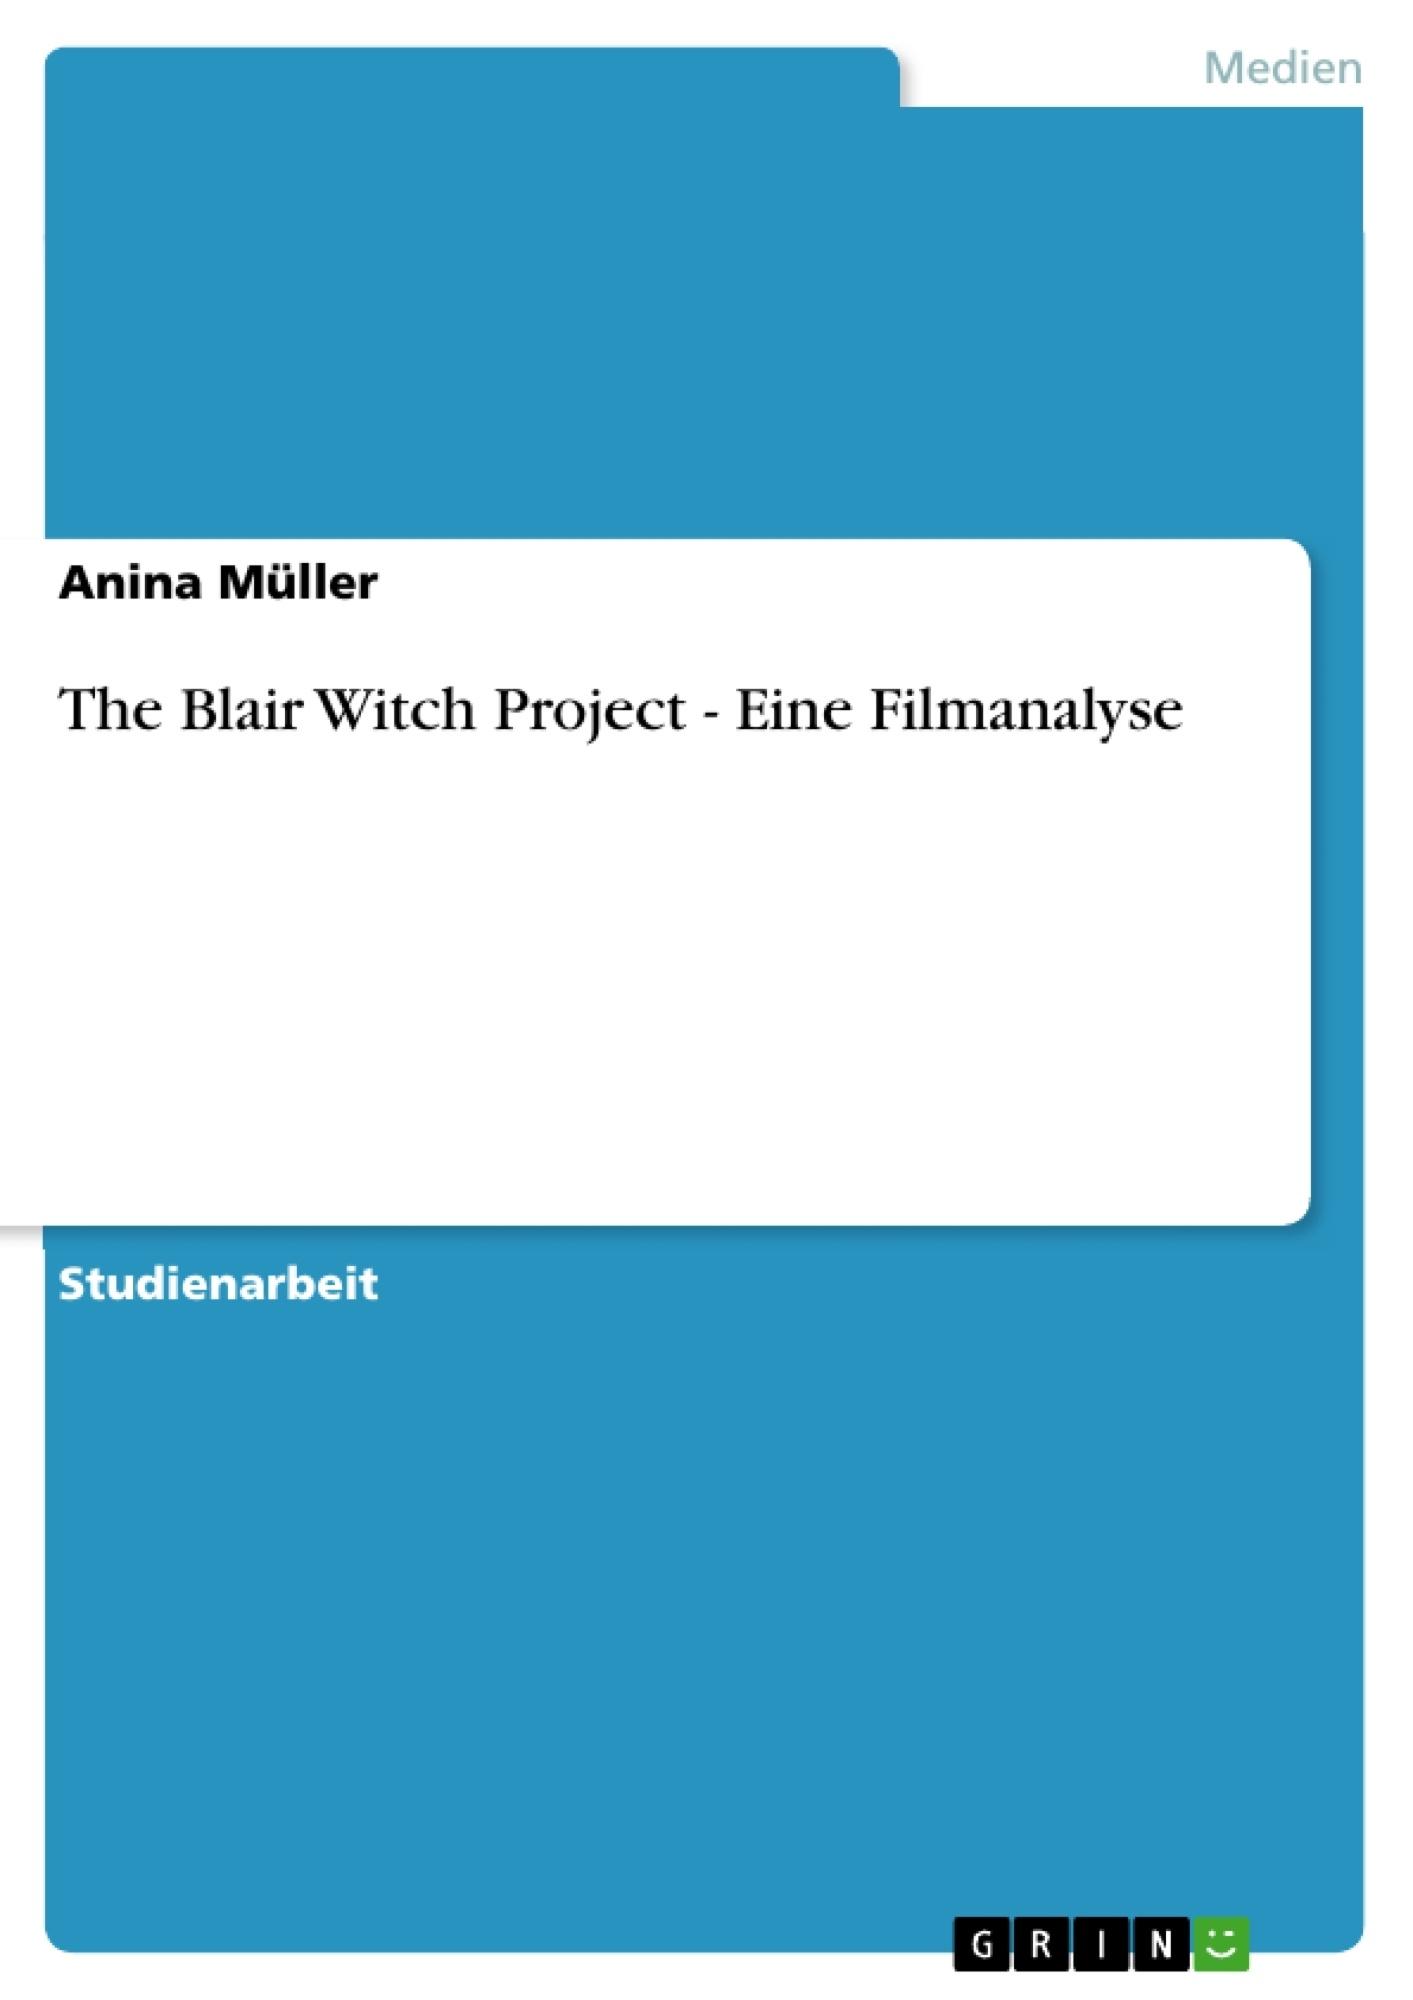 Titel: The Blair Witch Project - Eine Filmanalyse